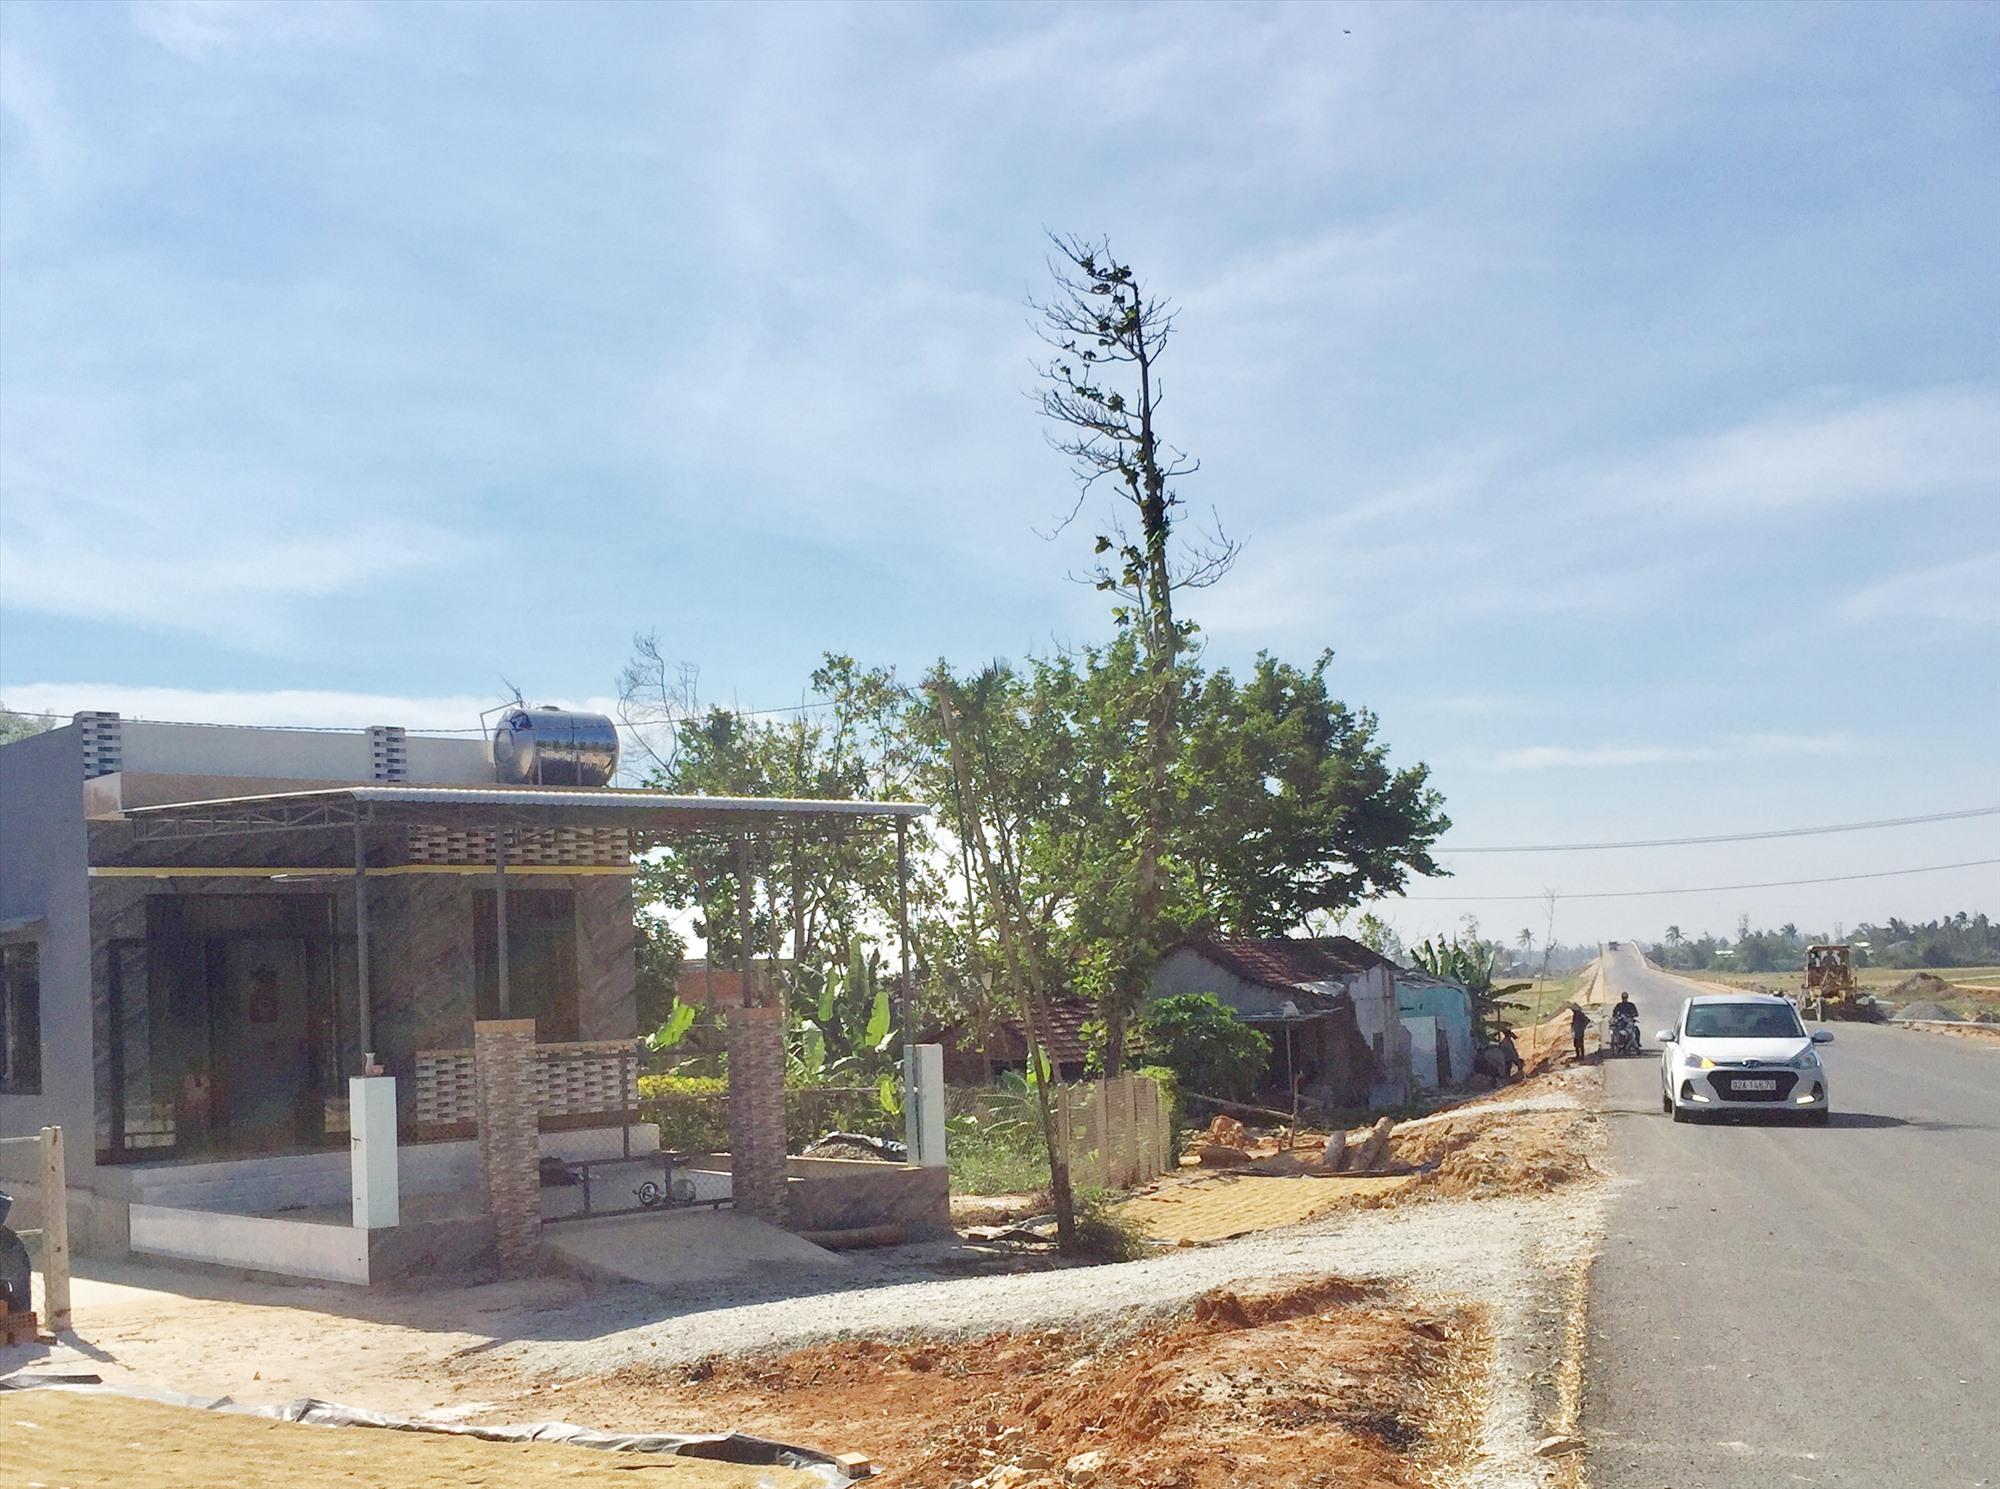 Người dân xây dựng nhà kiên cố trong vệt phía tây đường Võ Chí Công qua xã Tam Hòa (khu vực này được quy hoạch xây dựng làn đường giai đoạn 2).